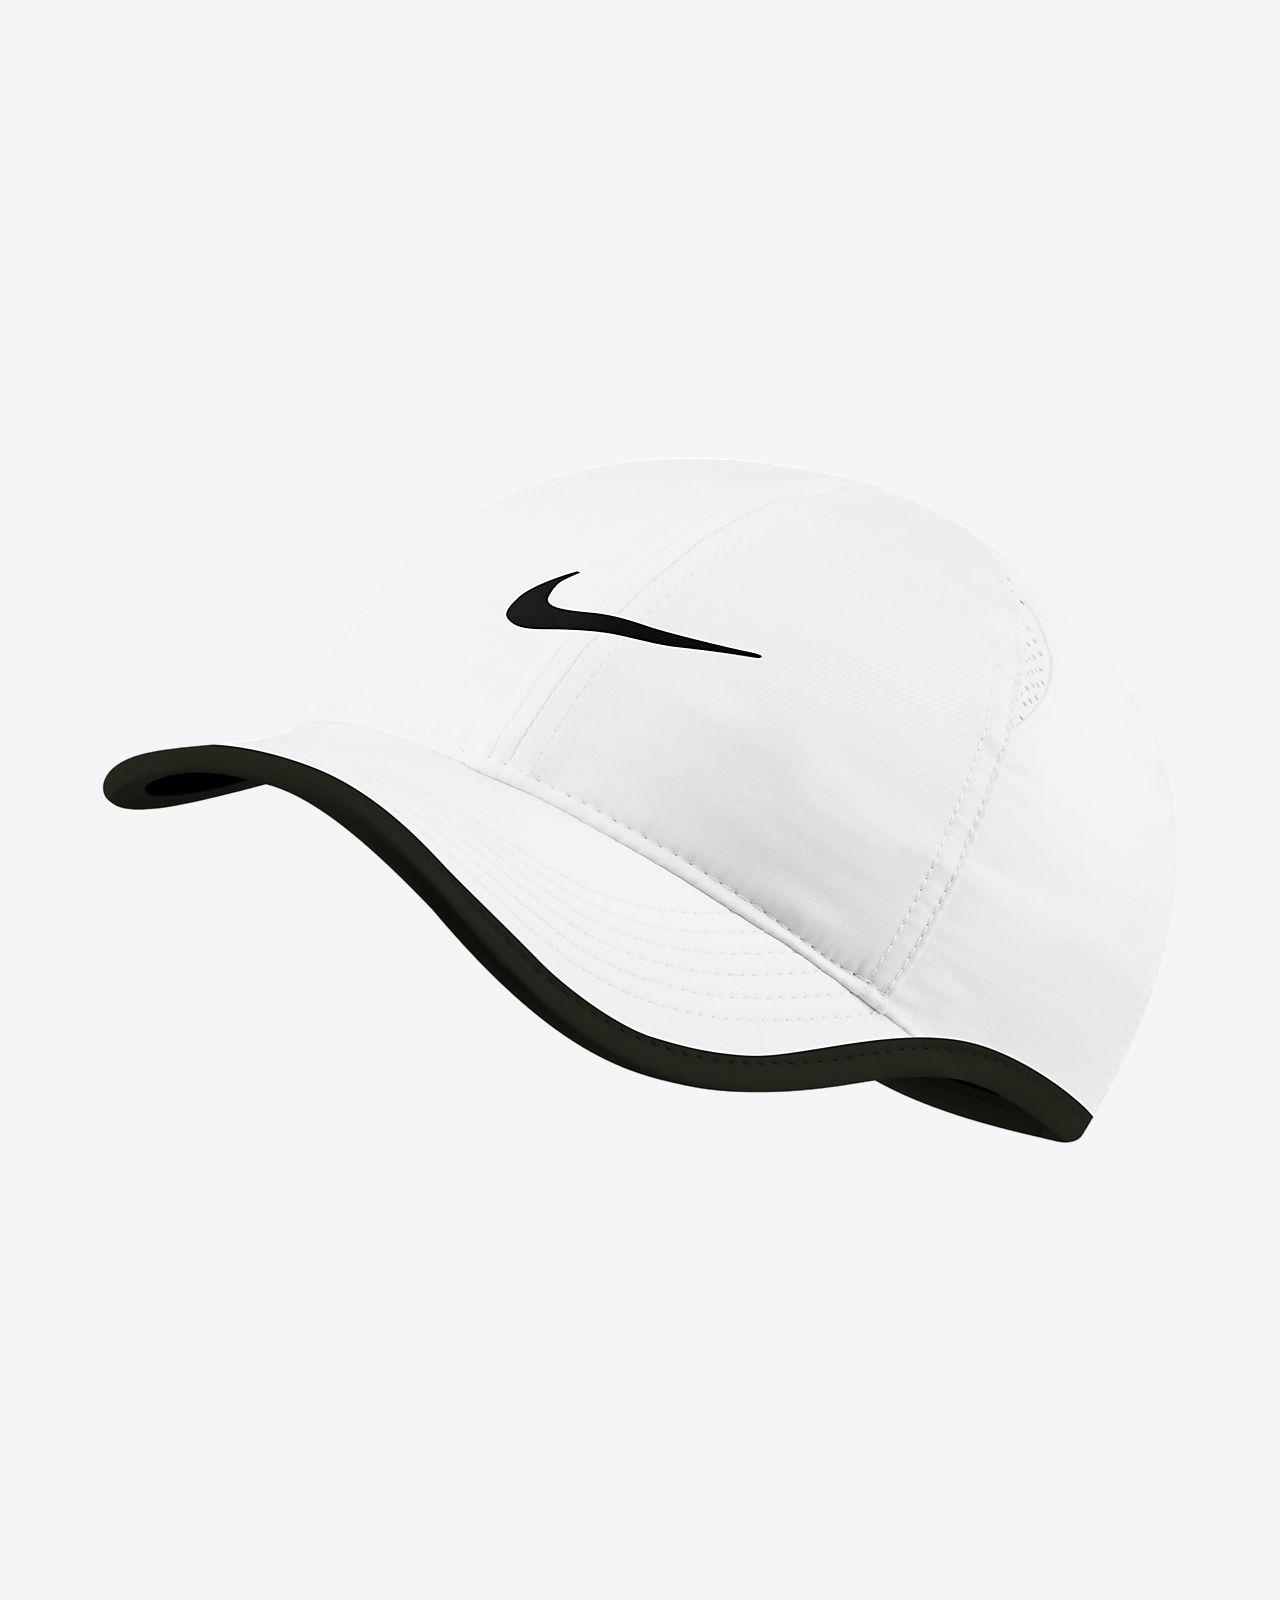 หมวกแก๊ปปรับได้ผู้หญิง Nike Sportswear AeroBill Featherlight